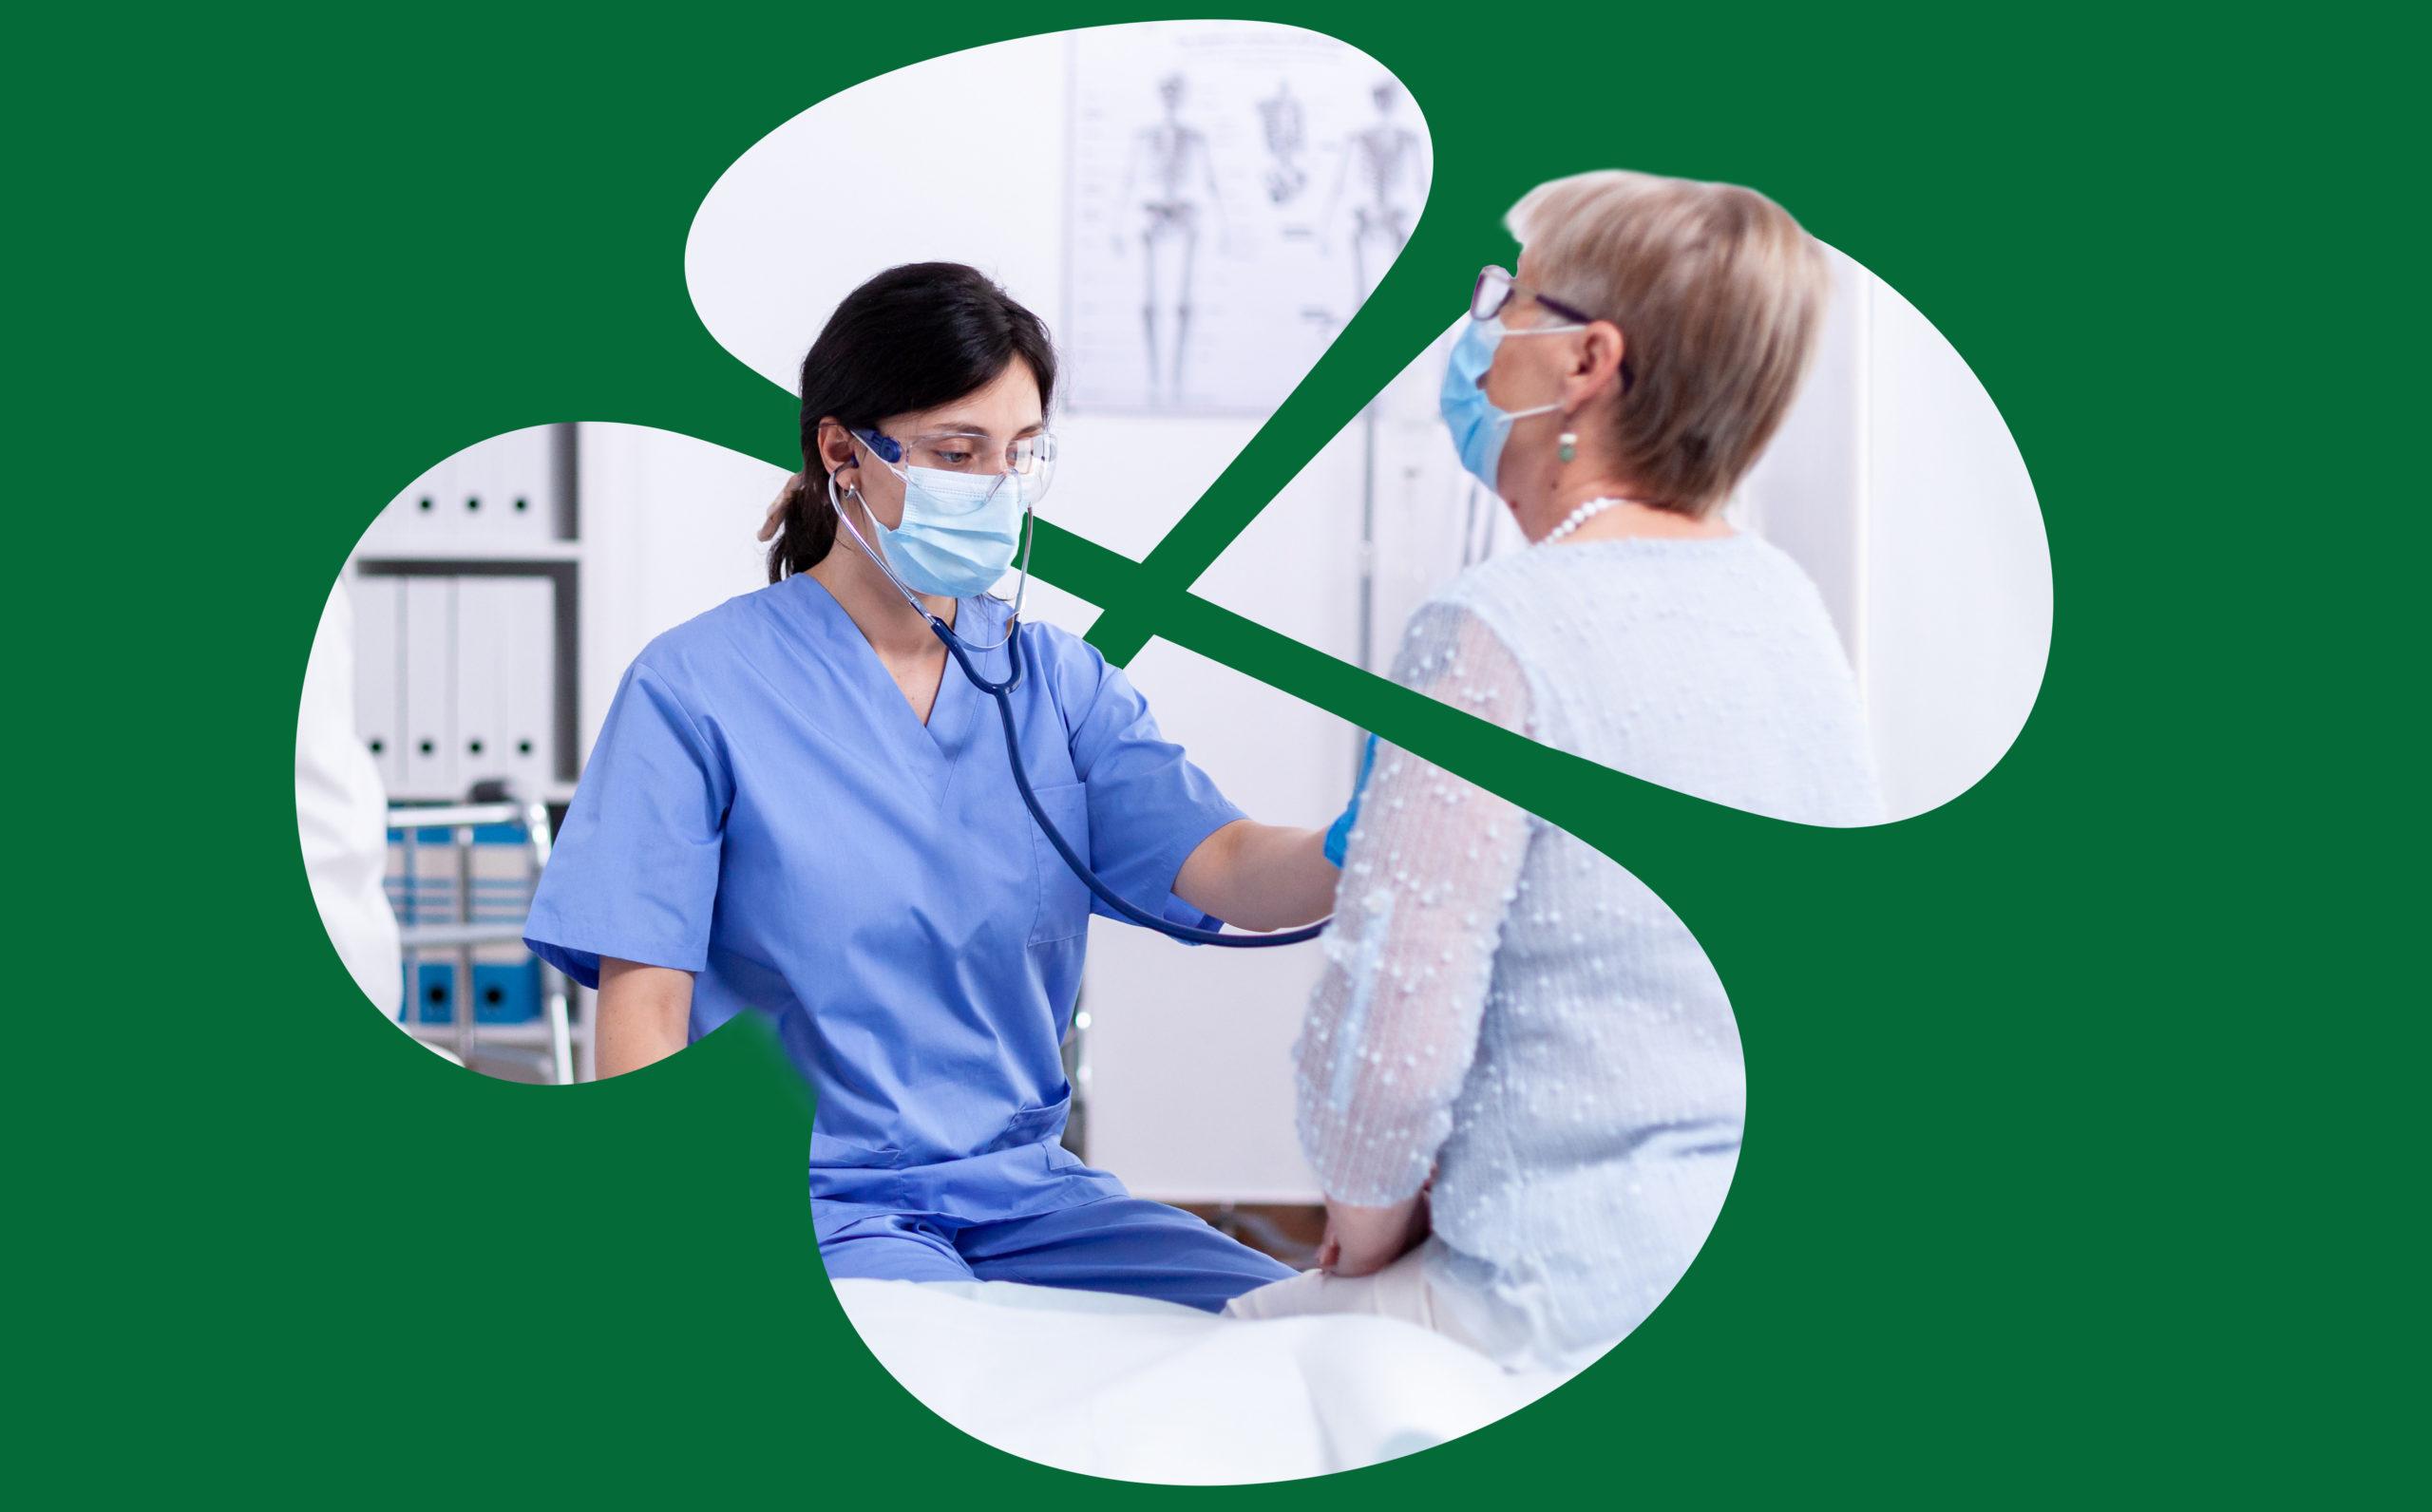 tumman vihreällä pohjalla apilakehys, jonka keskellä lääkäri ja tutkittava potilas